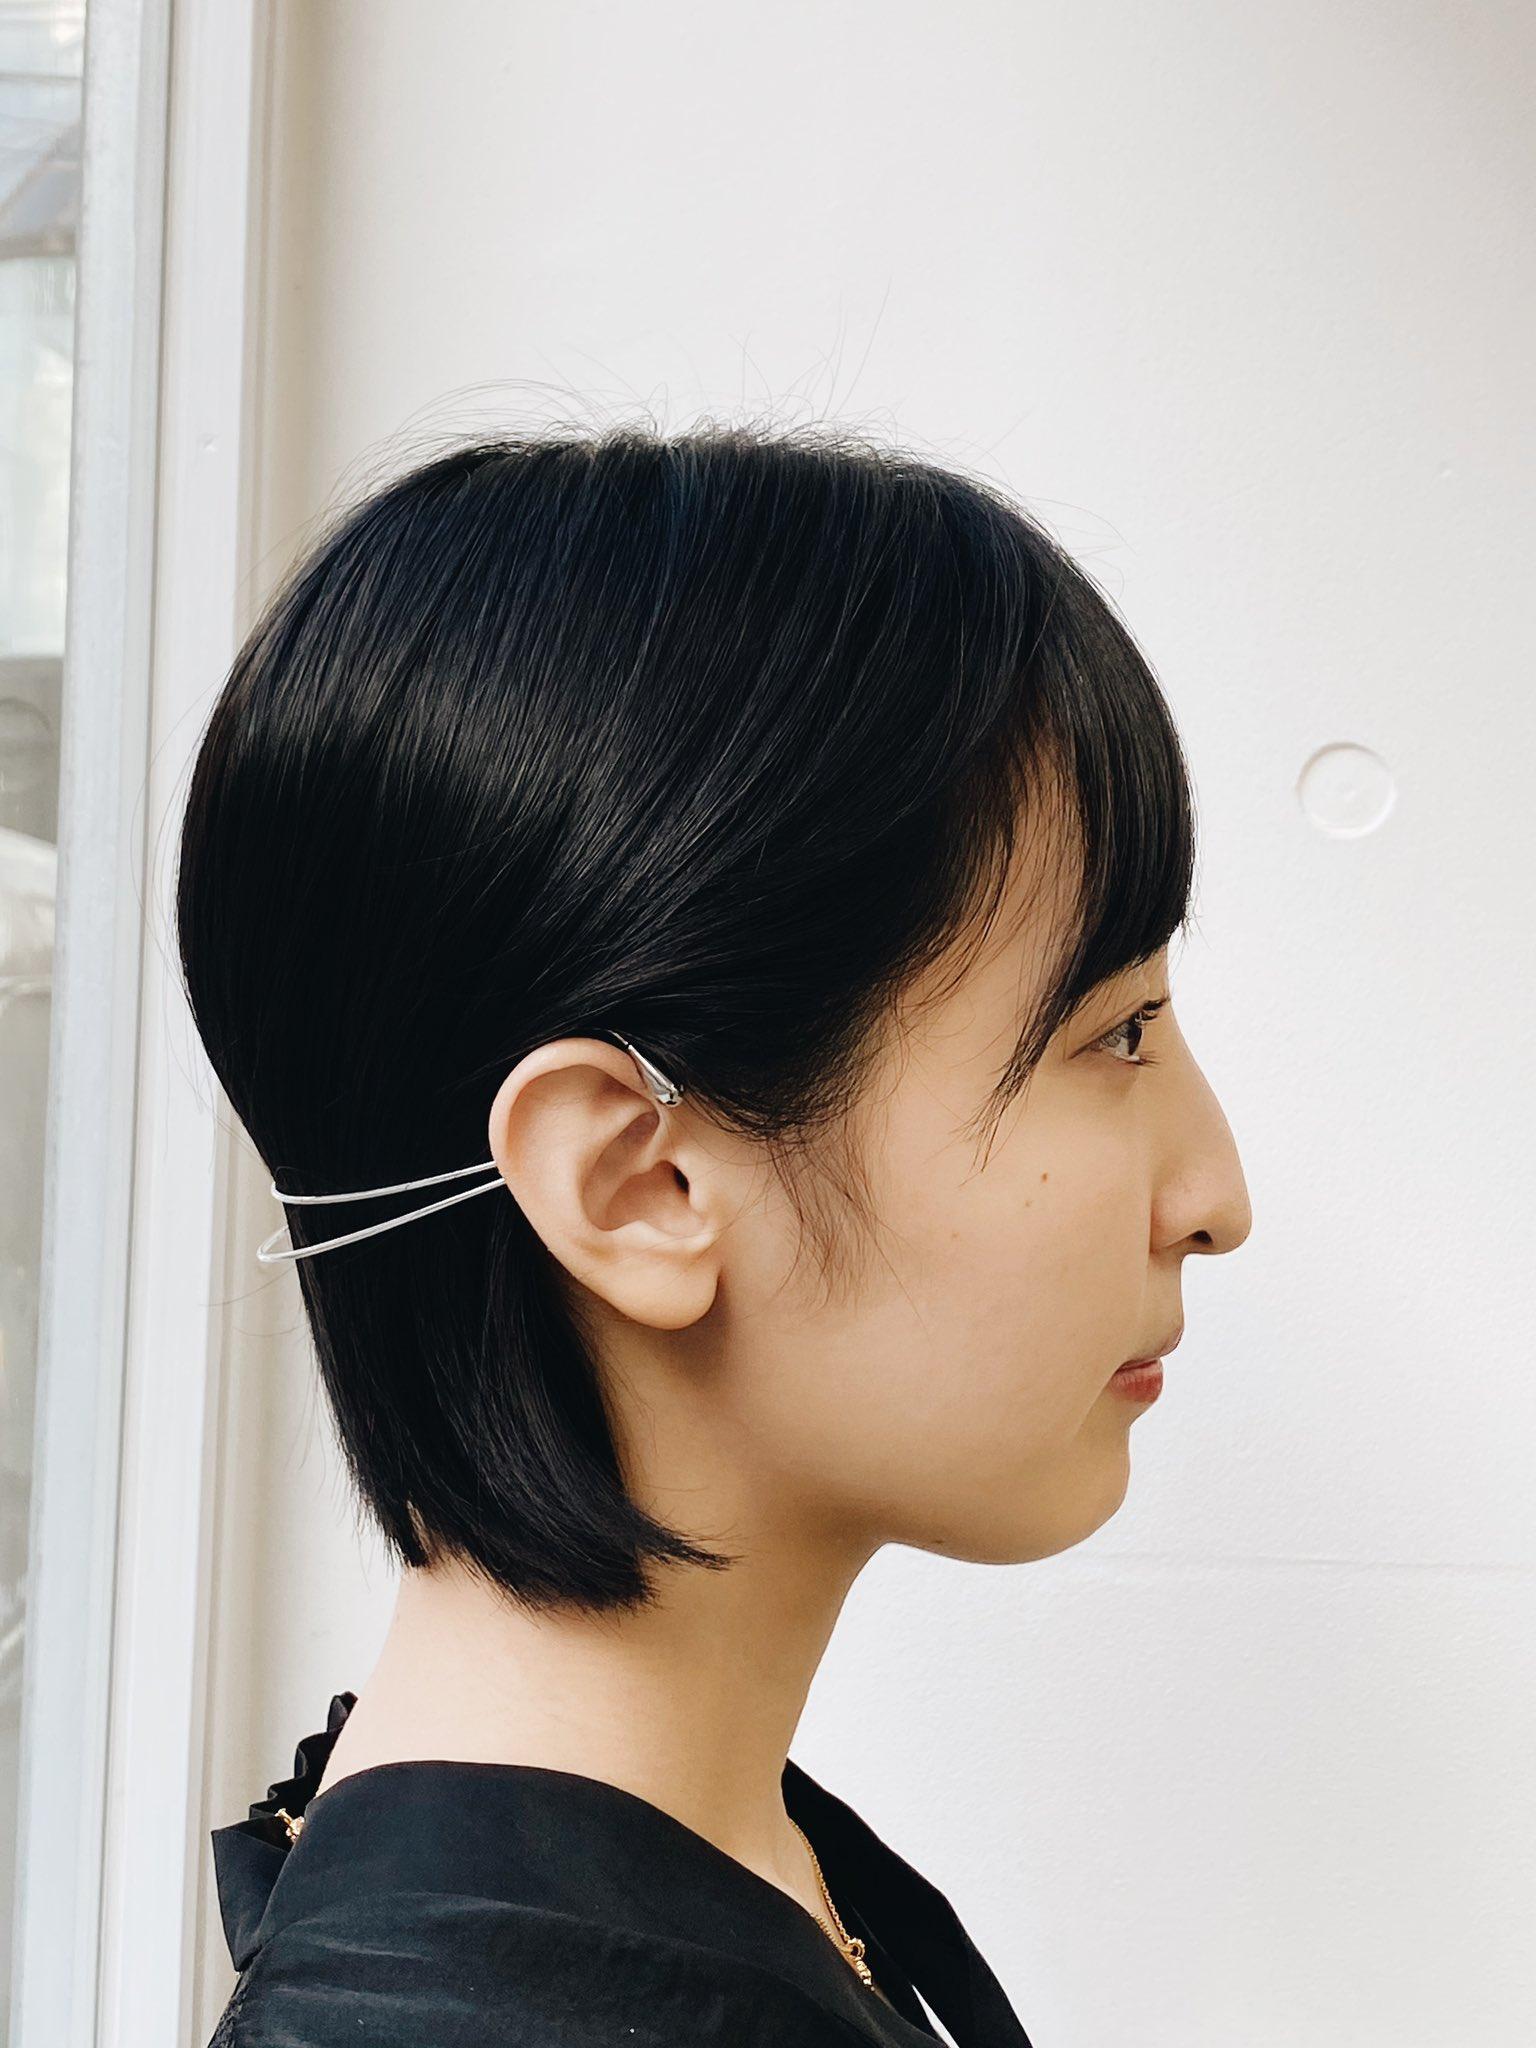 ブラインド 藤井ゆきよ 横顔 佐々木琴子 ナンバーワンに関連した画像-04